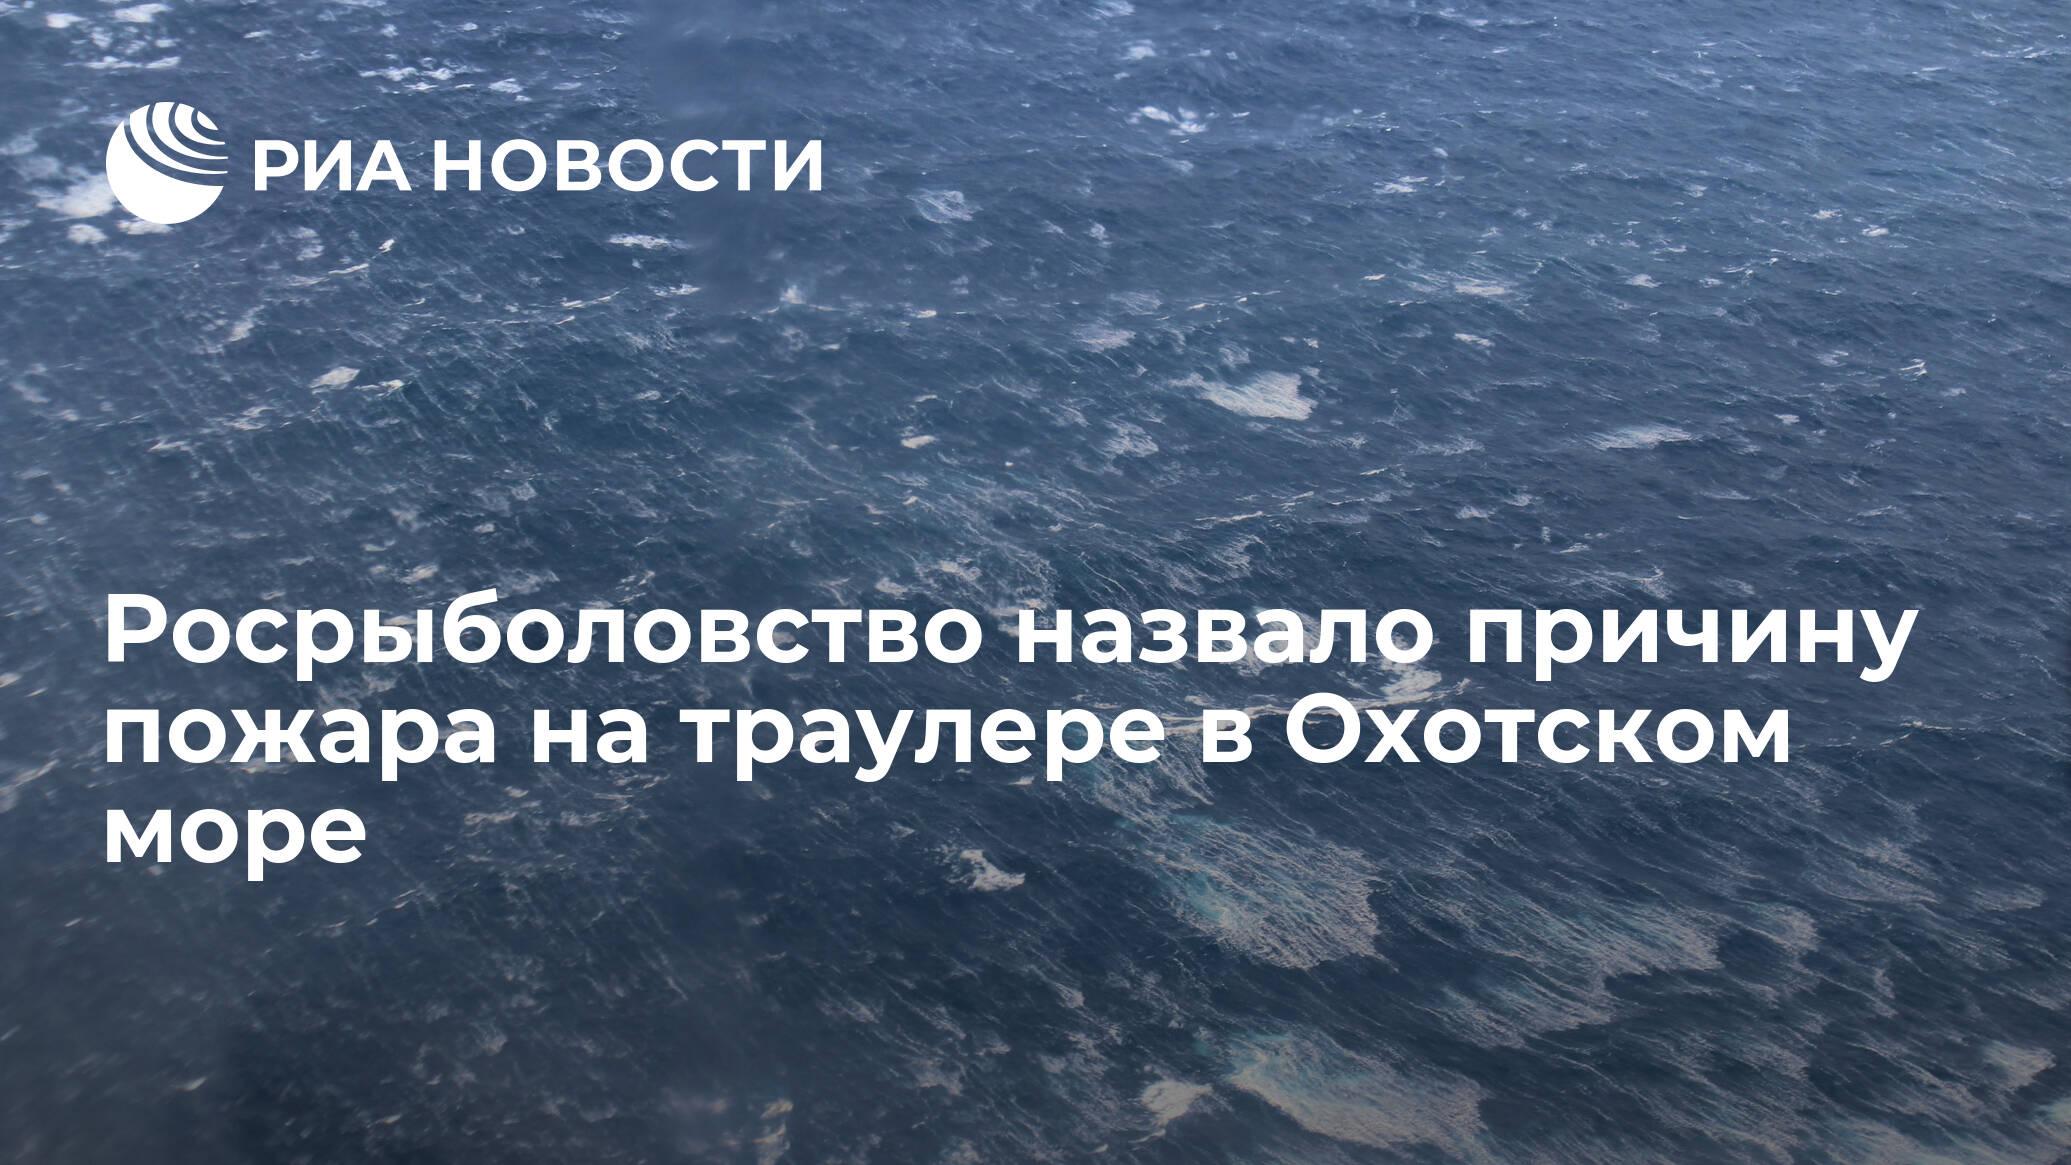 Росрыболовство назвало причину пожара на траулере в Охотском море